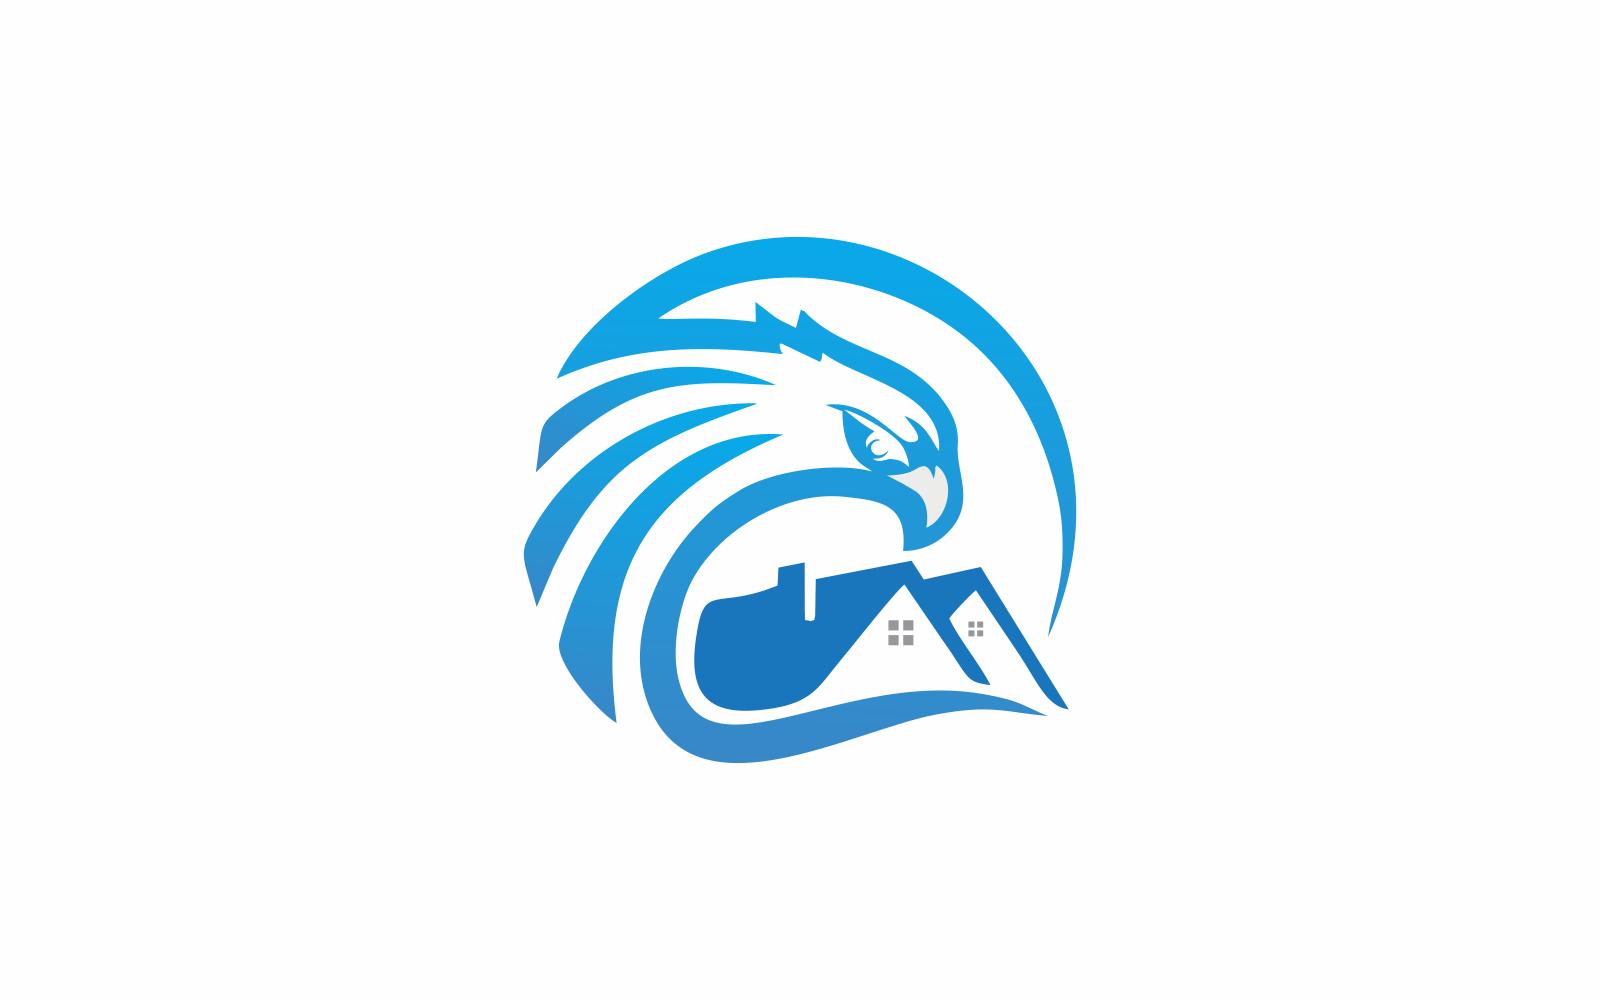 House Eagle Template de Logotipo №156006